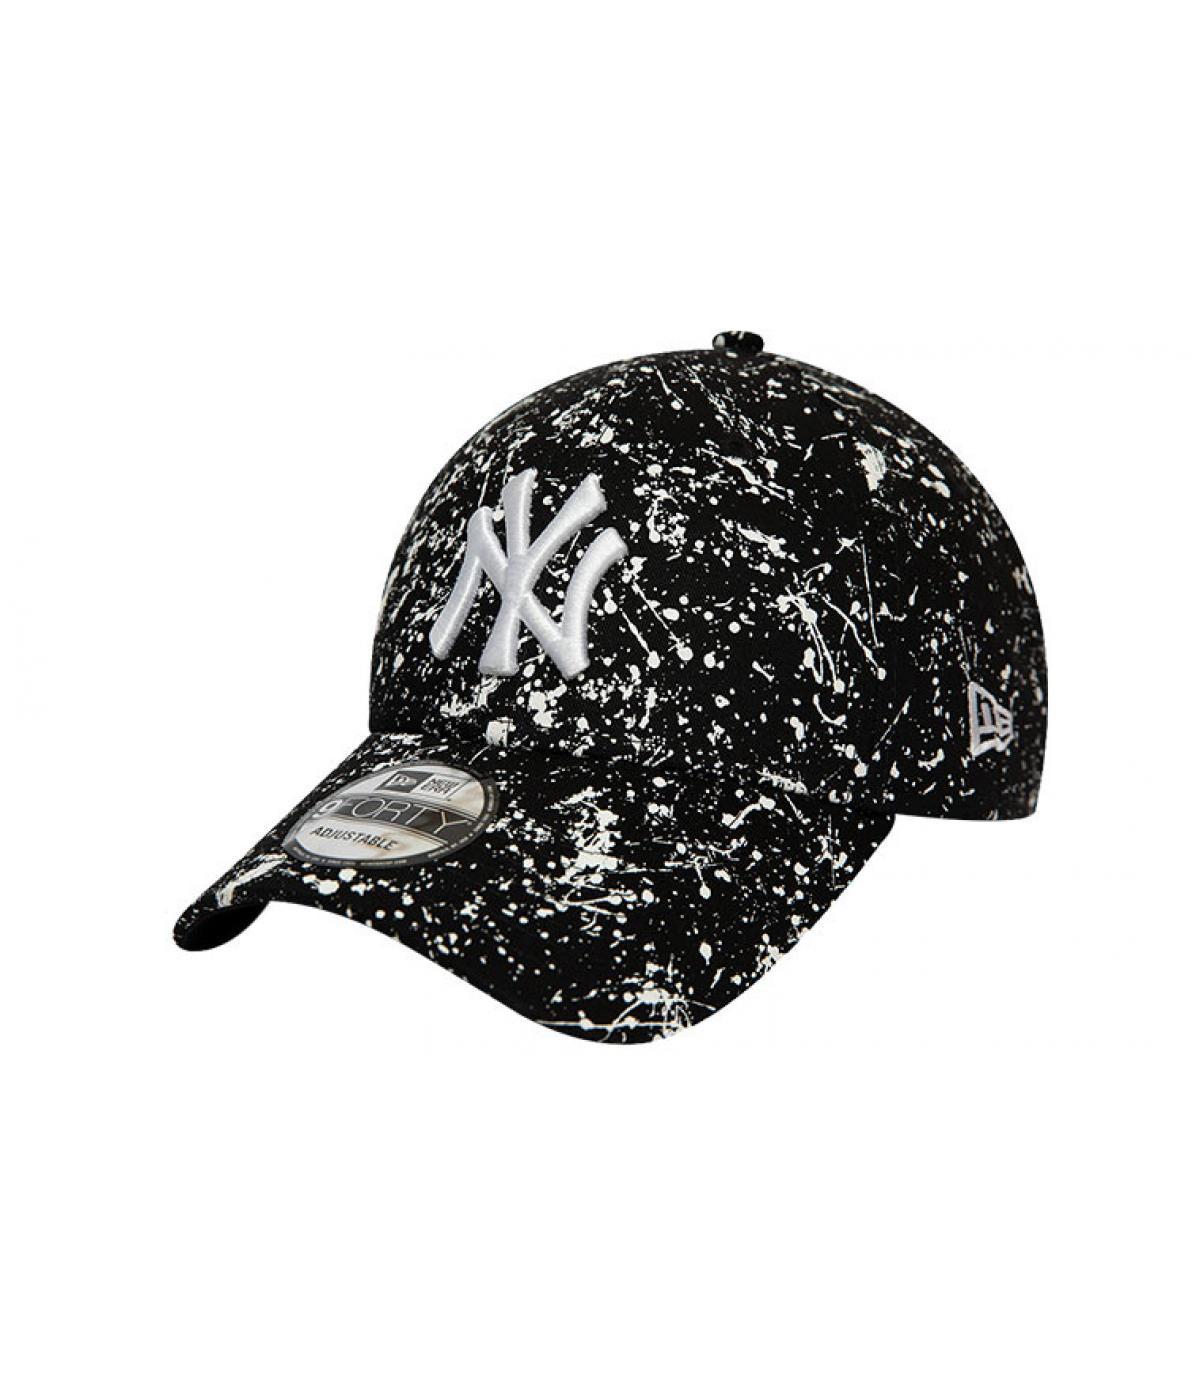 Détails Casquette MLB Paints NY 940 black - image 2